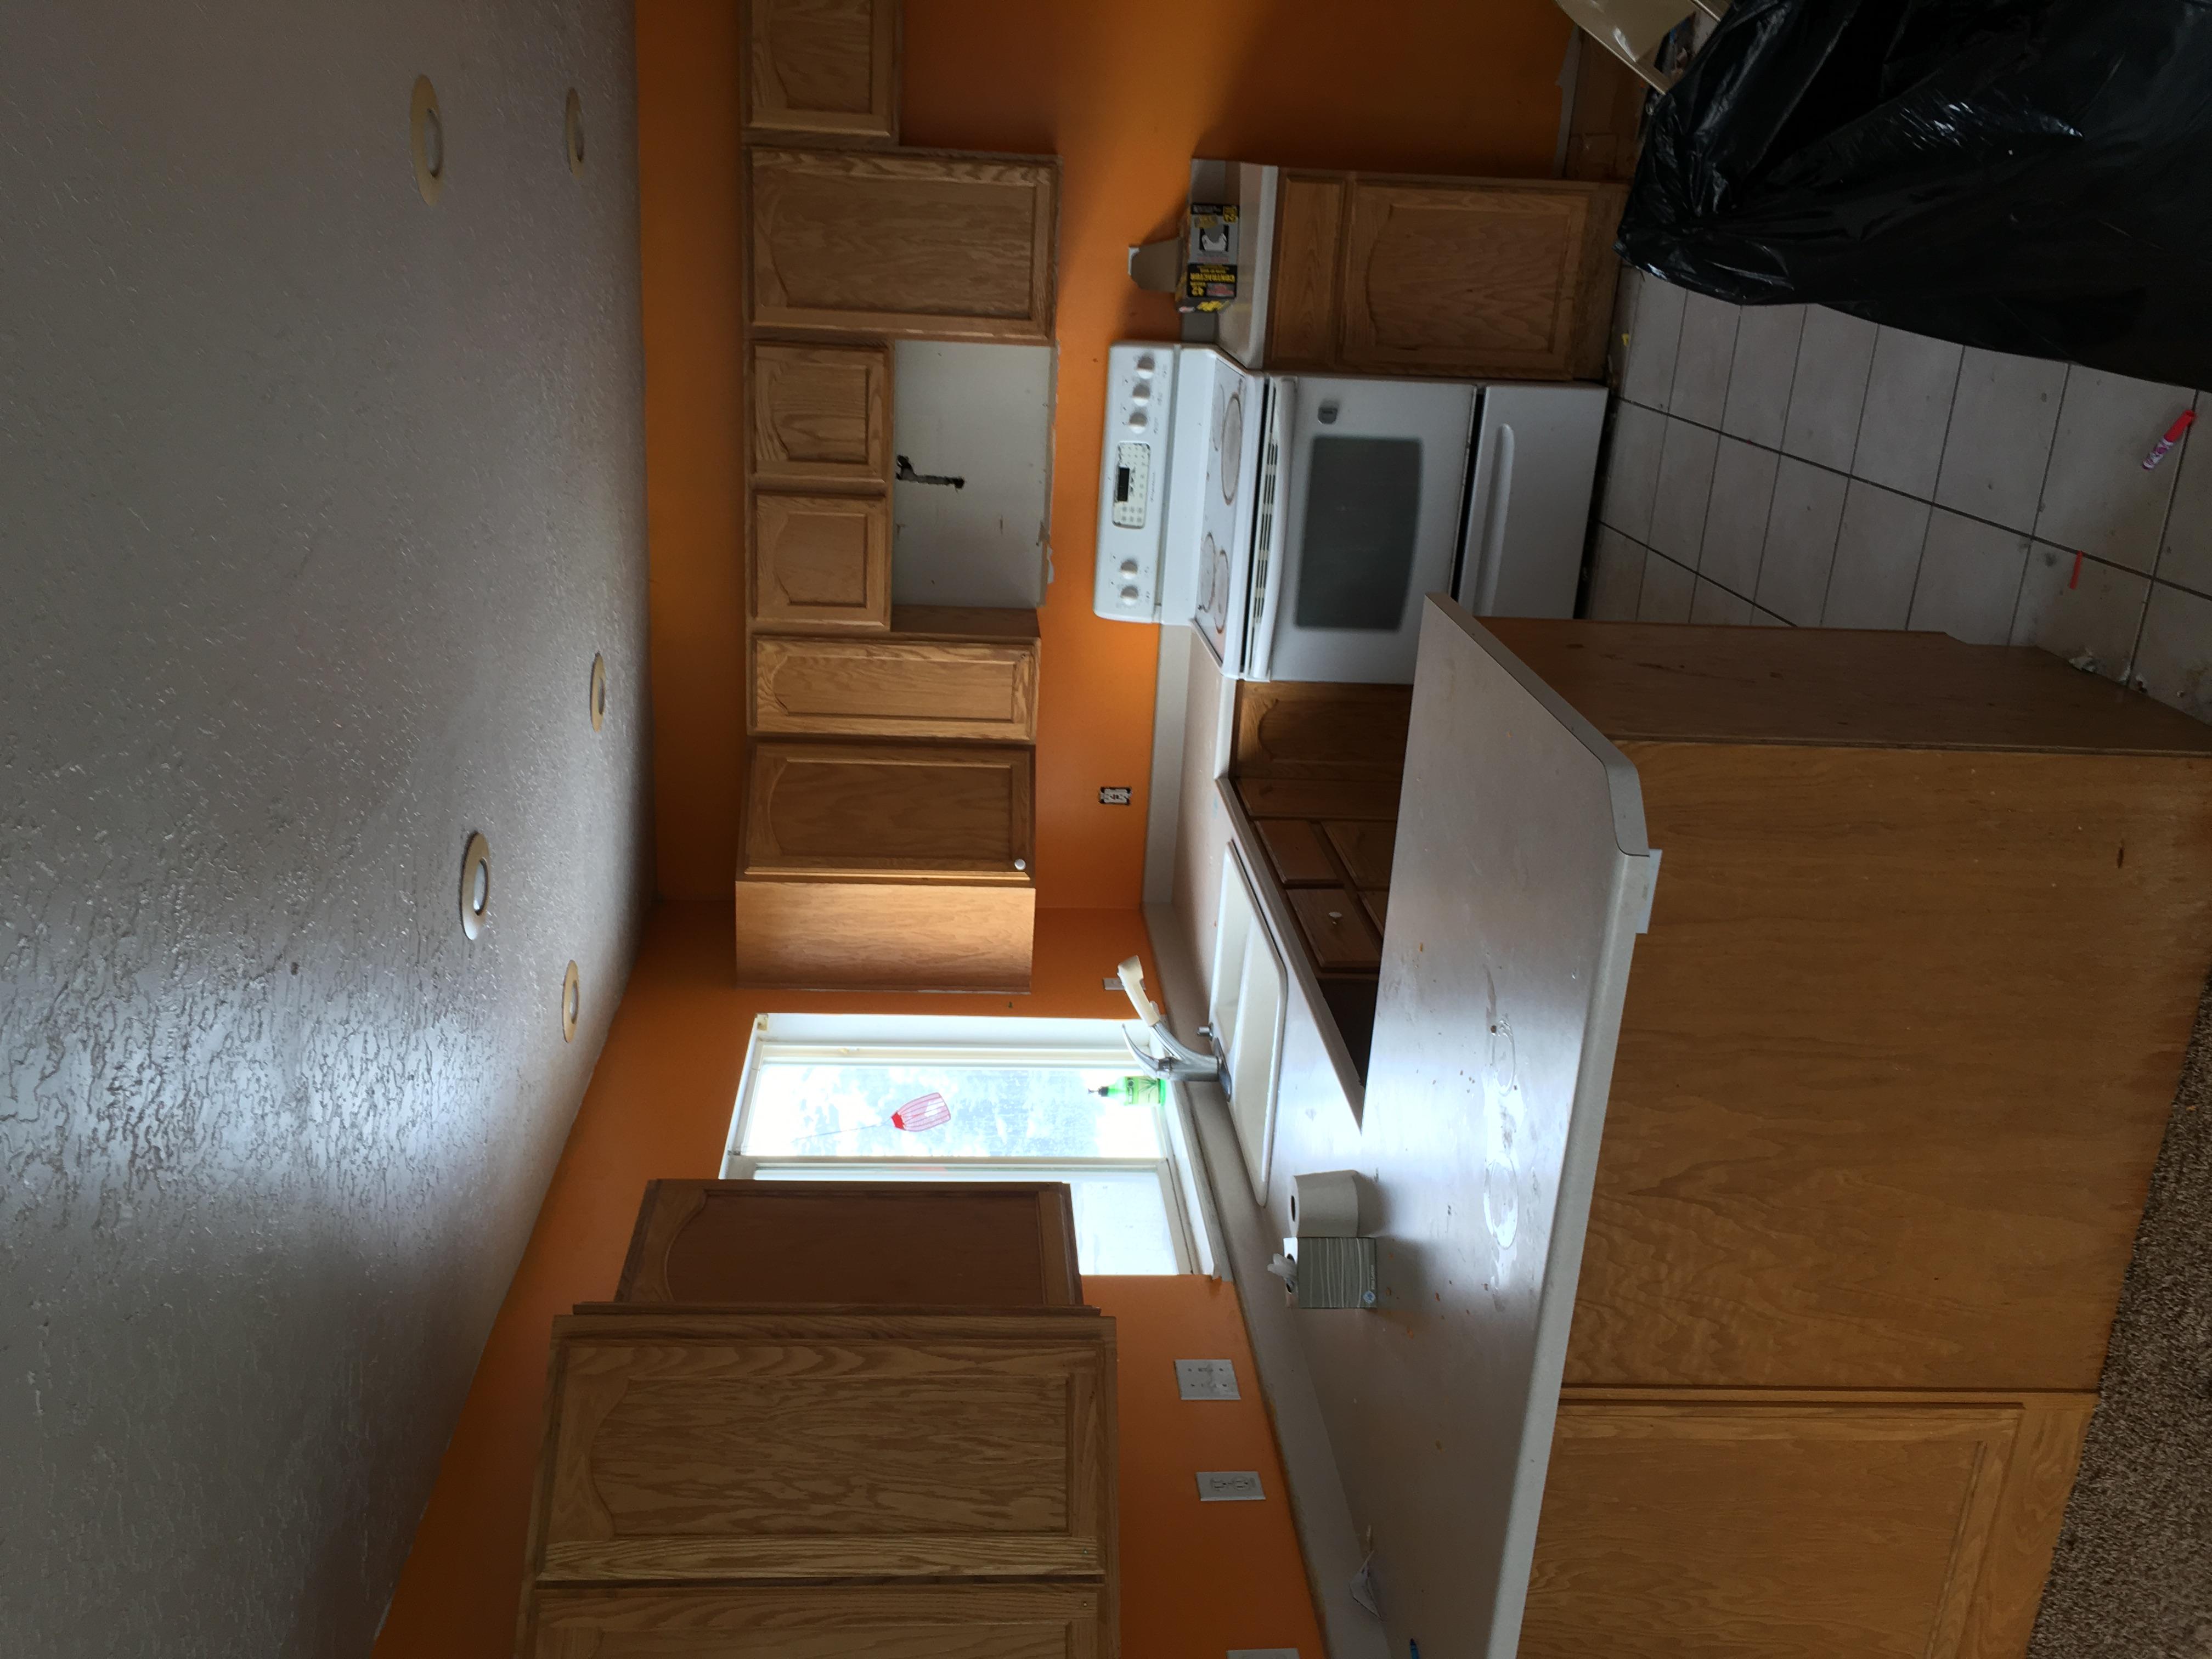 Kitchen Remodeling - South Jordan UT